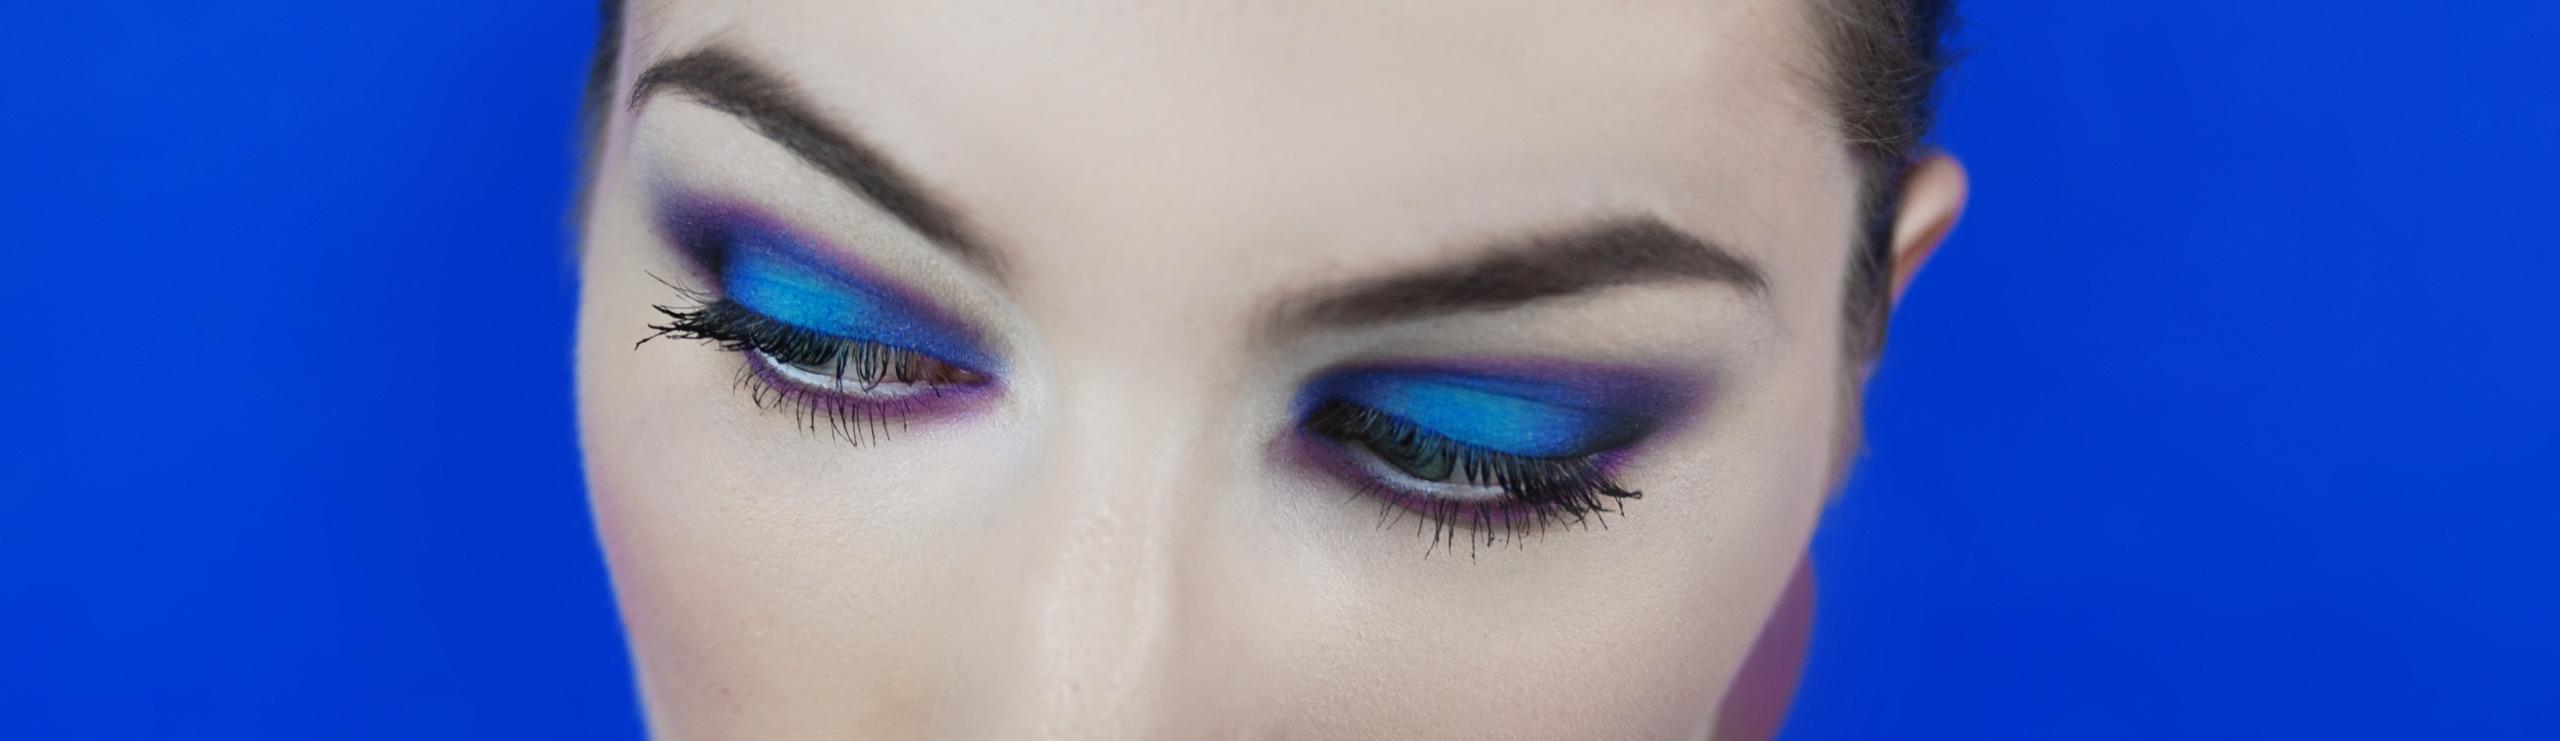 Zdjęcie przedstawia oczy młodej kobiety w makijażu, na niebieskim tle, patrzące w prawą stronę.